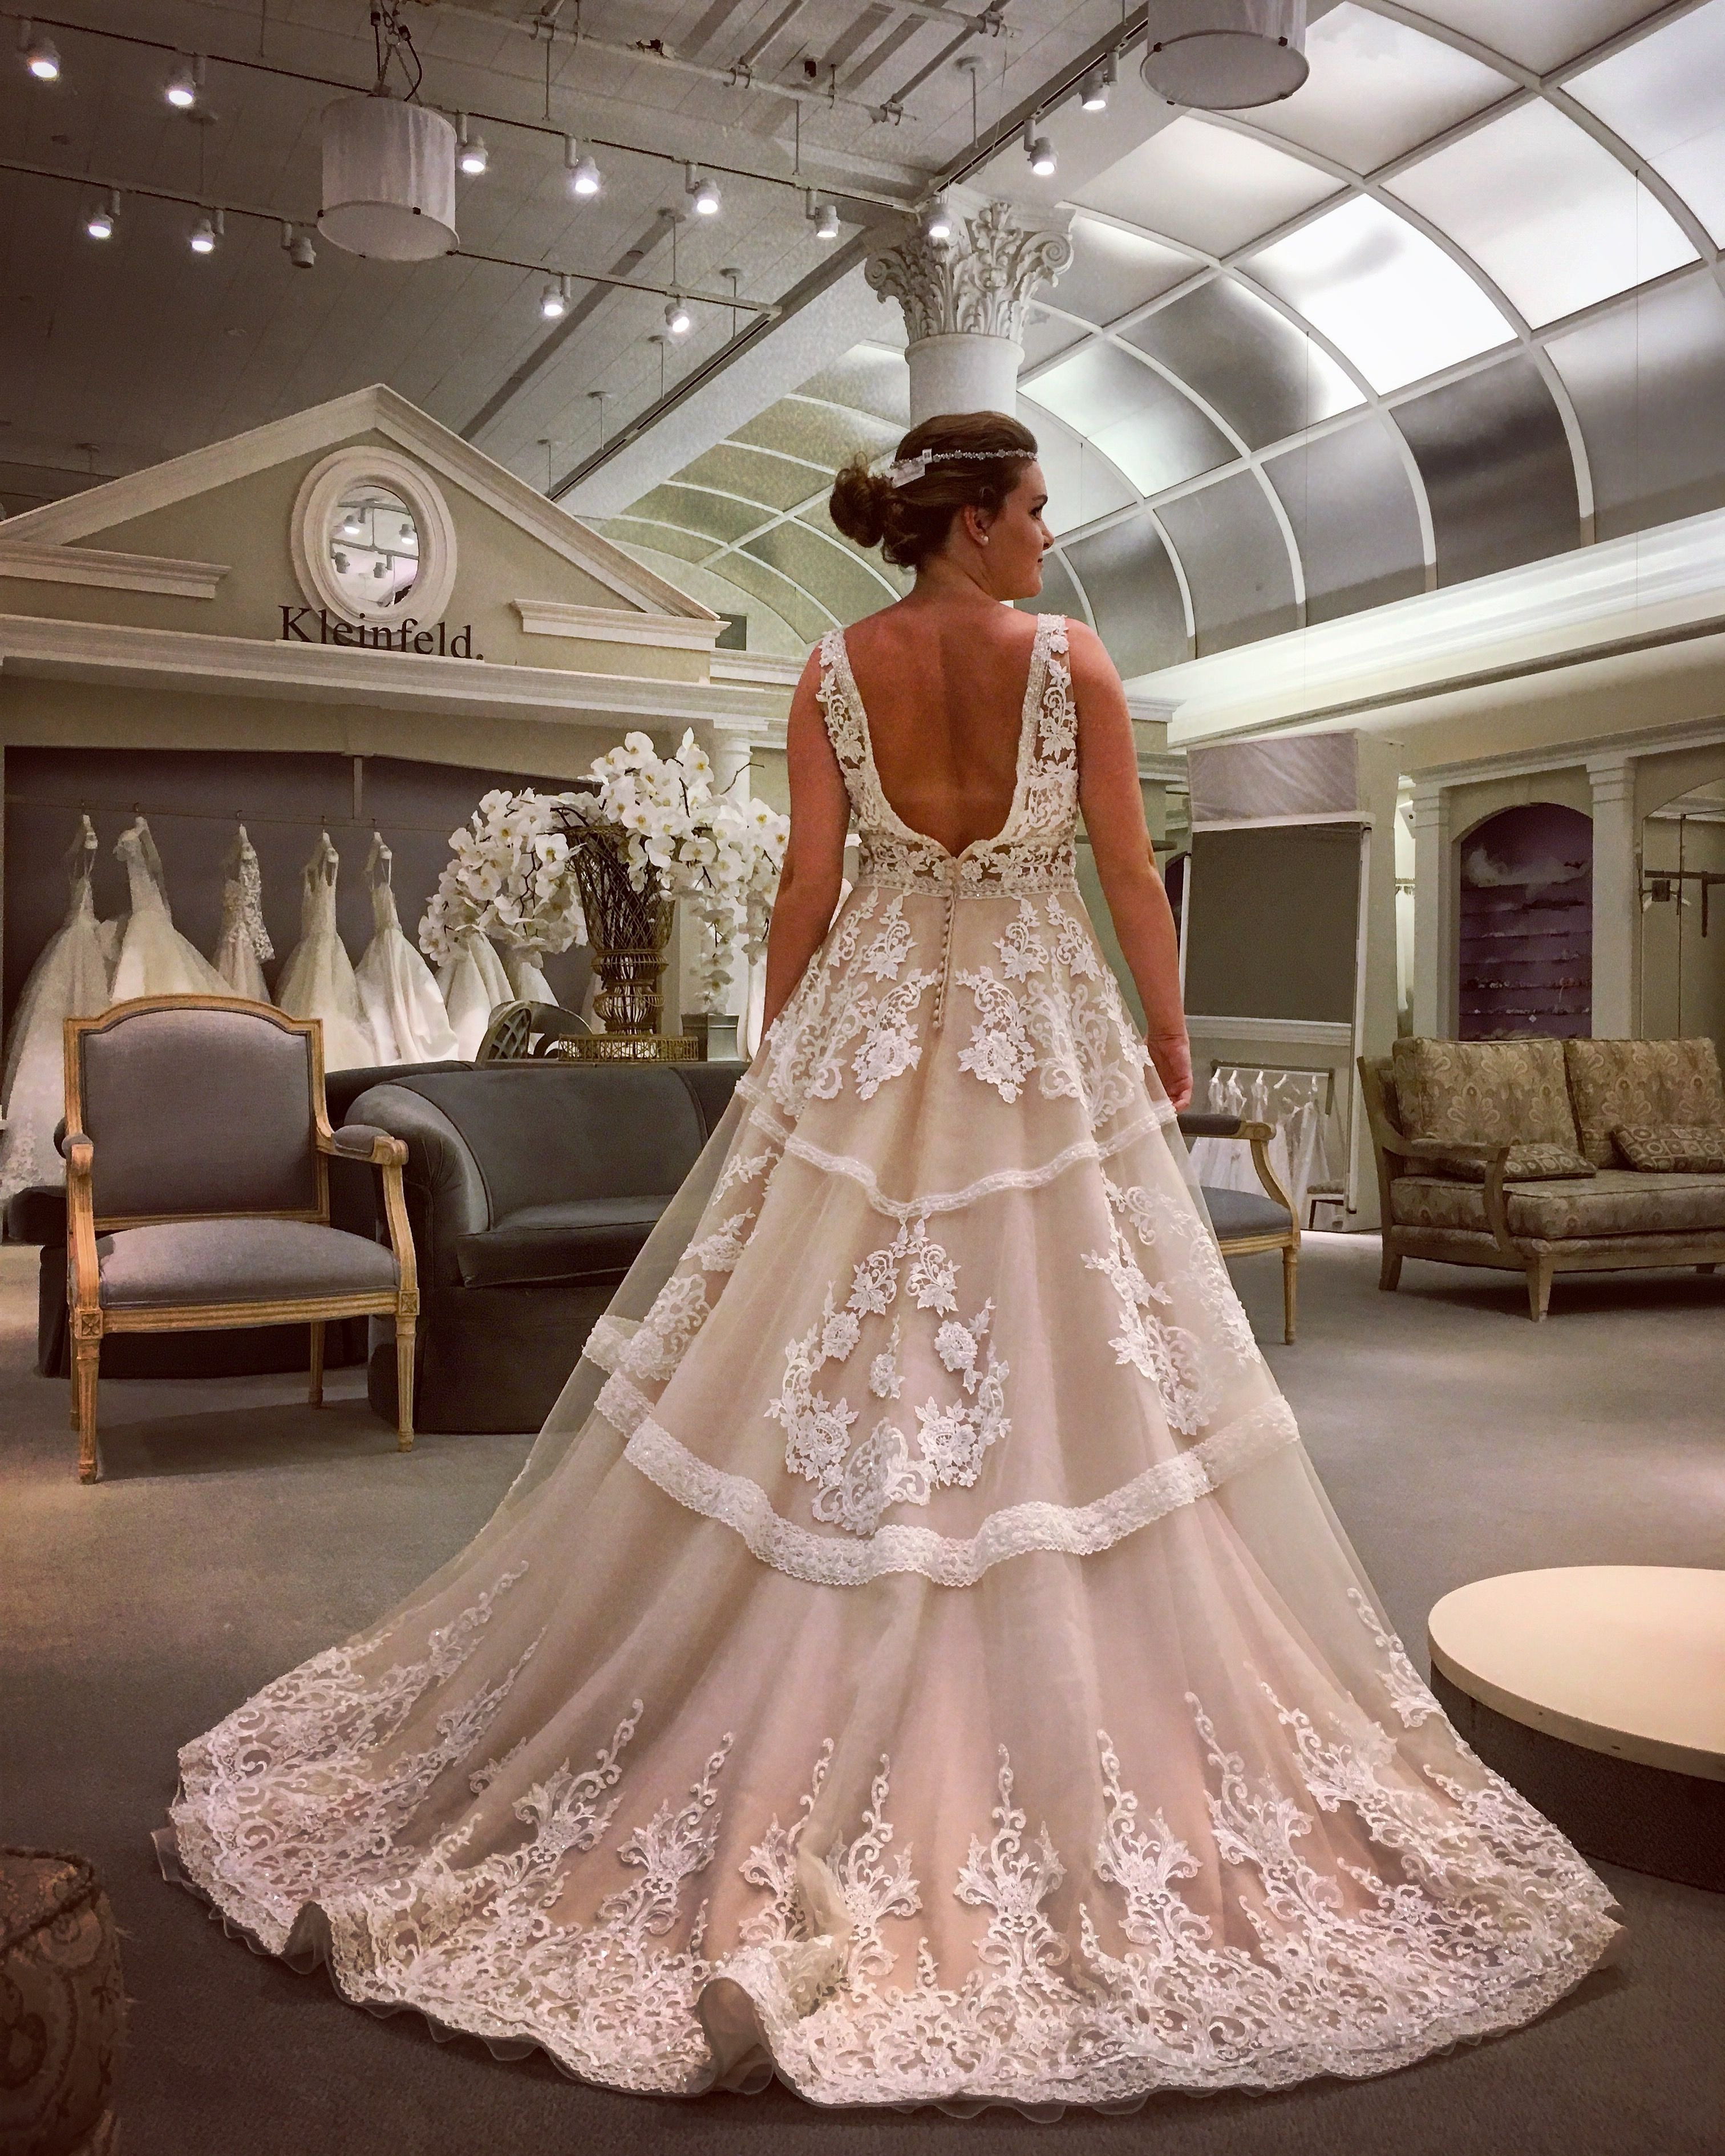 Randy Fenoli Wedding Dress. RUSTIC. Whimsical. Randy